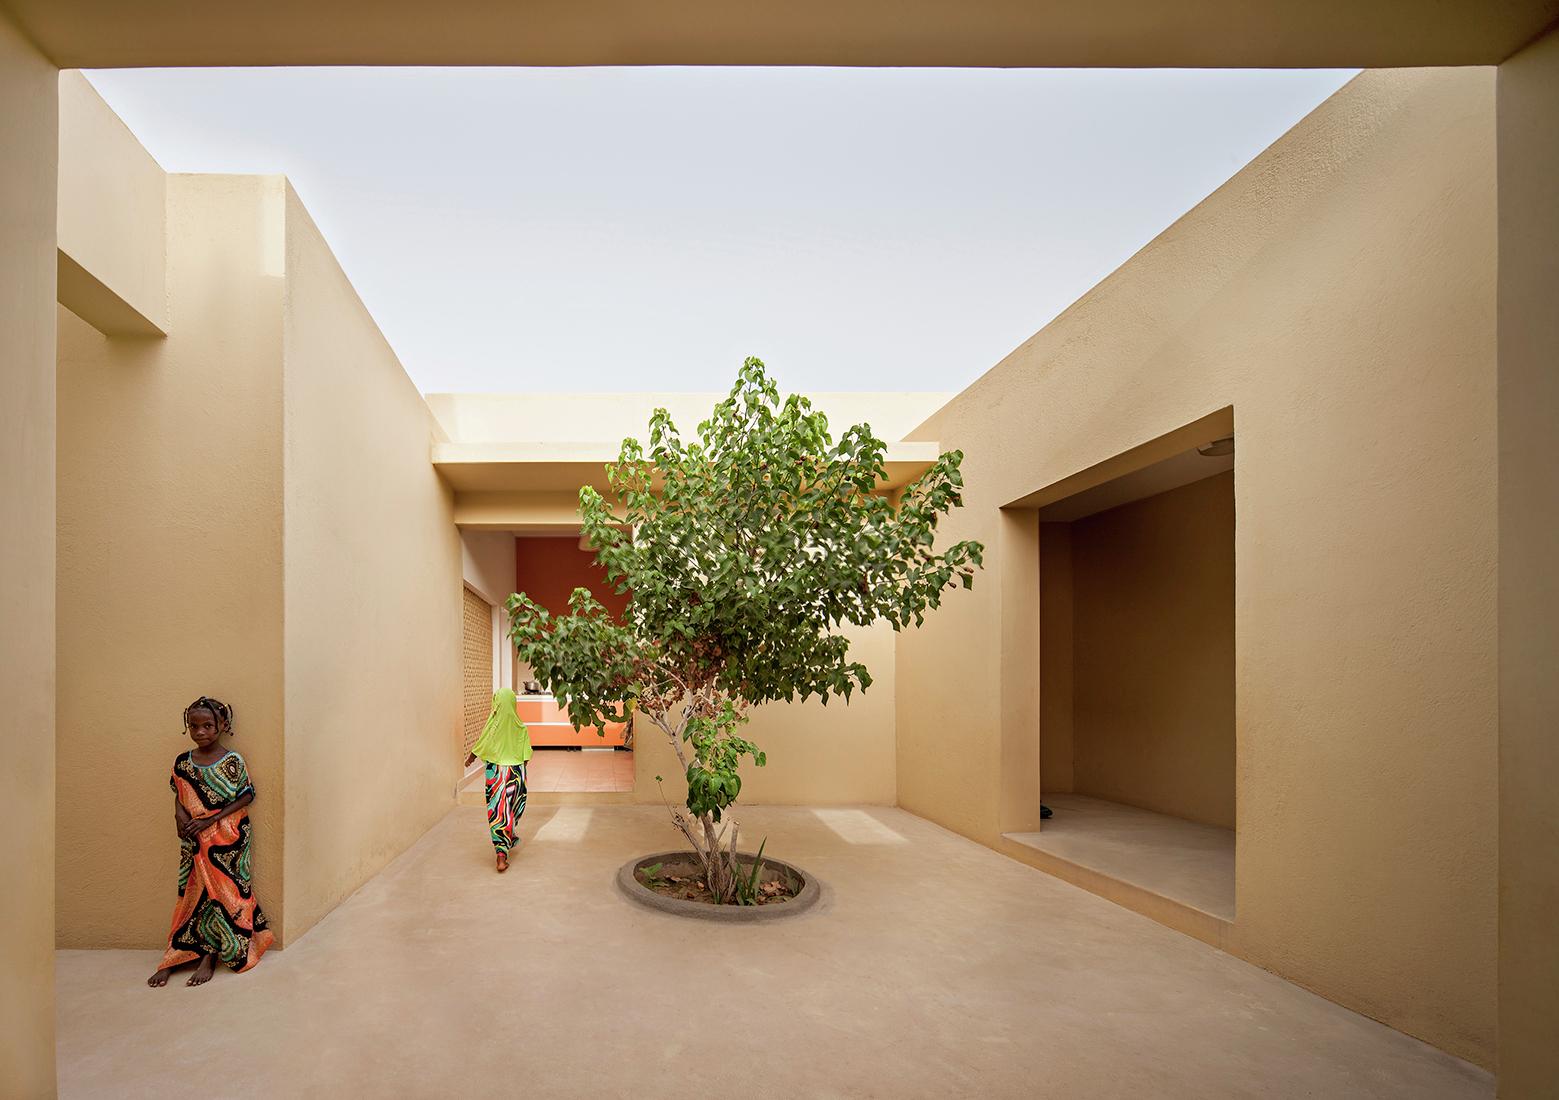 Sos children 39 s village in djibouti urko sanchez for Architecture design for home in village